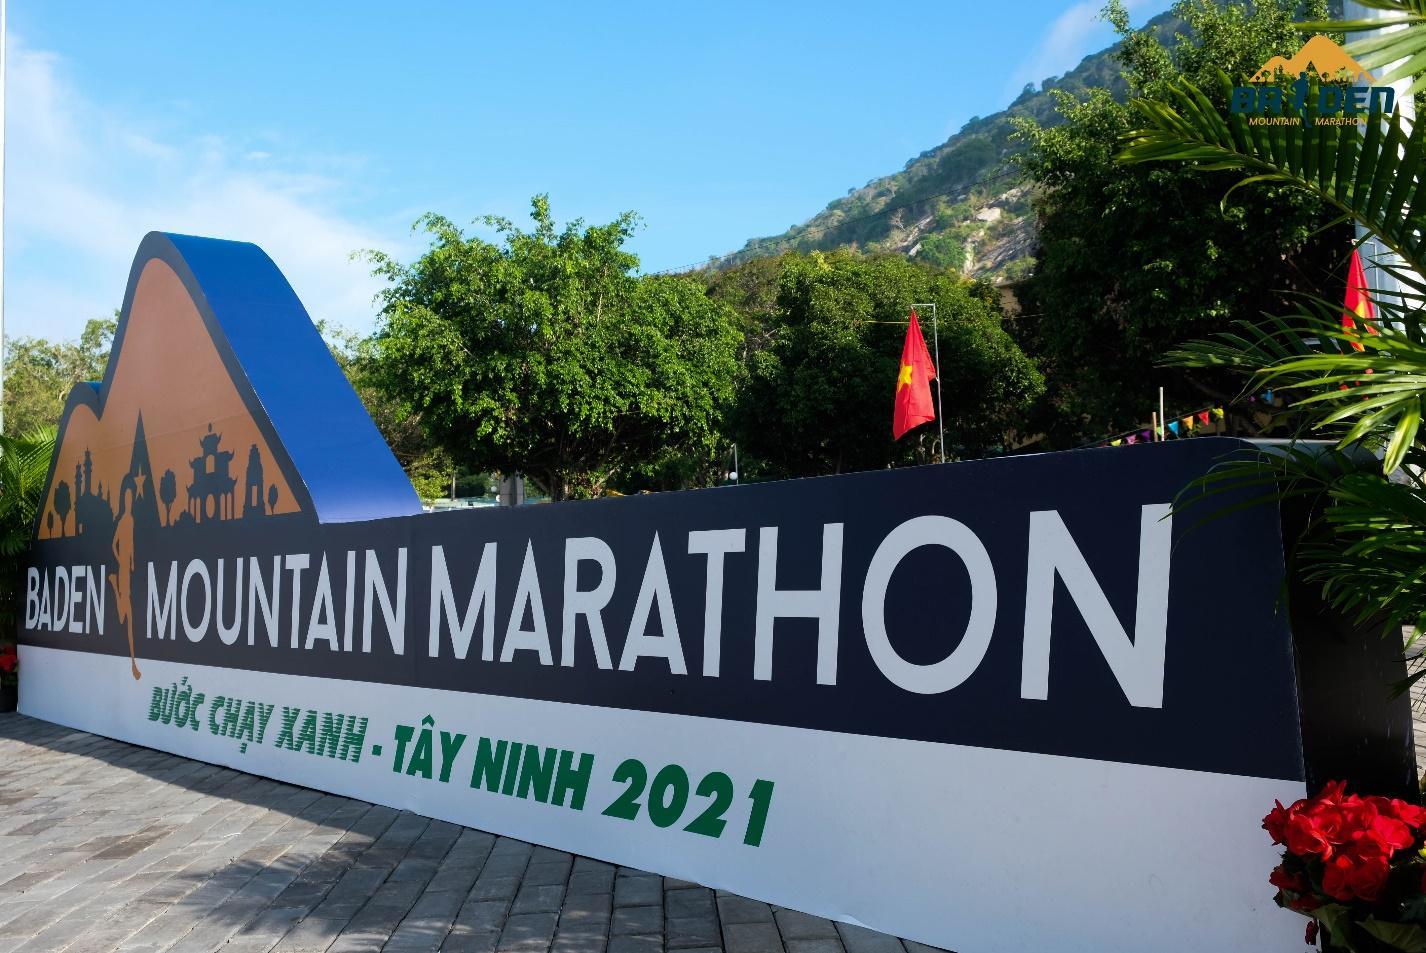 Ấn tượng với giải chạy marathon quy mô đầu tiên của Tây Ninh - Ảnh 1.